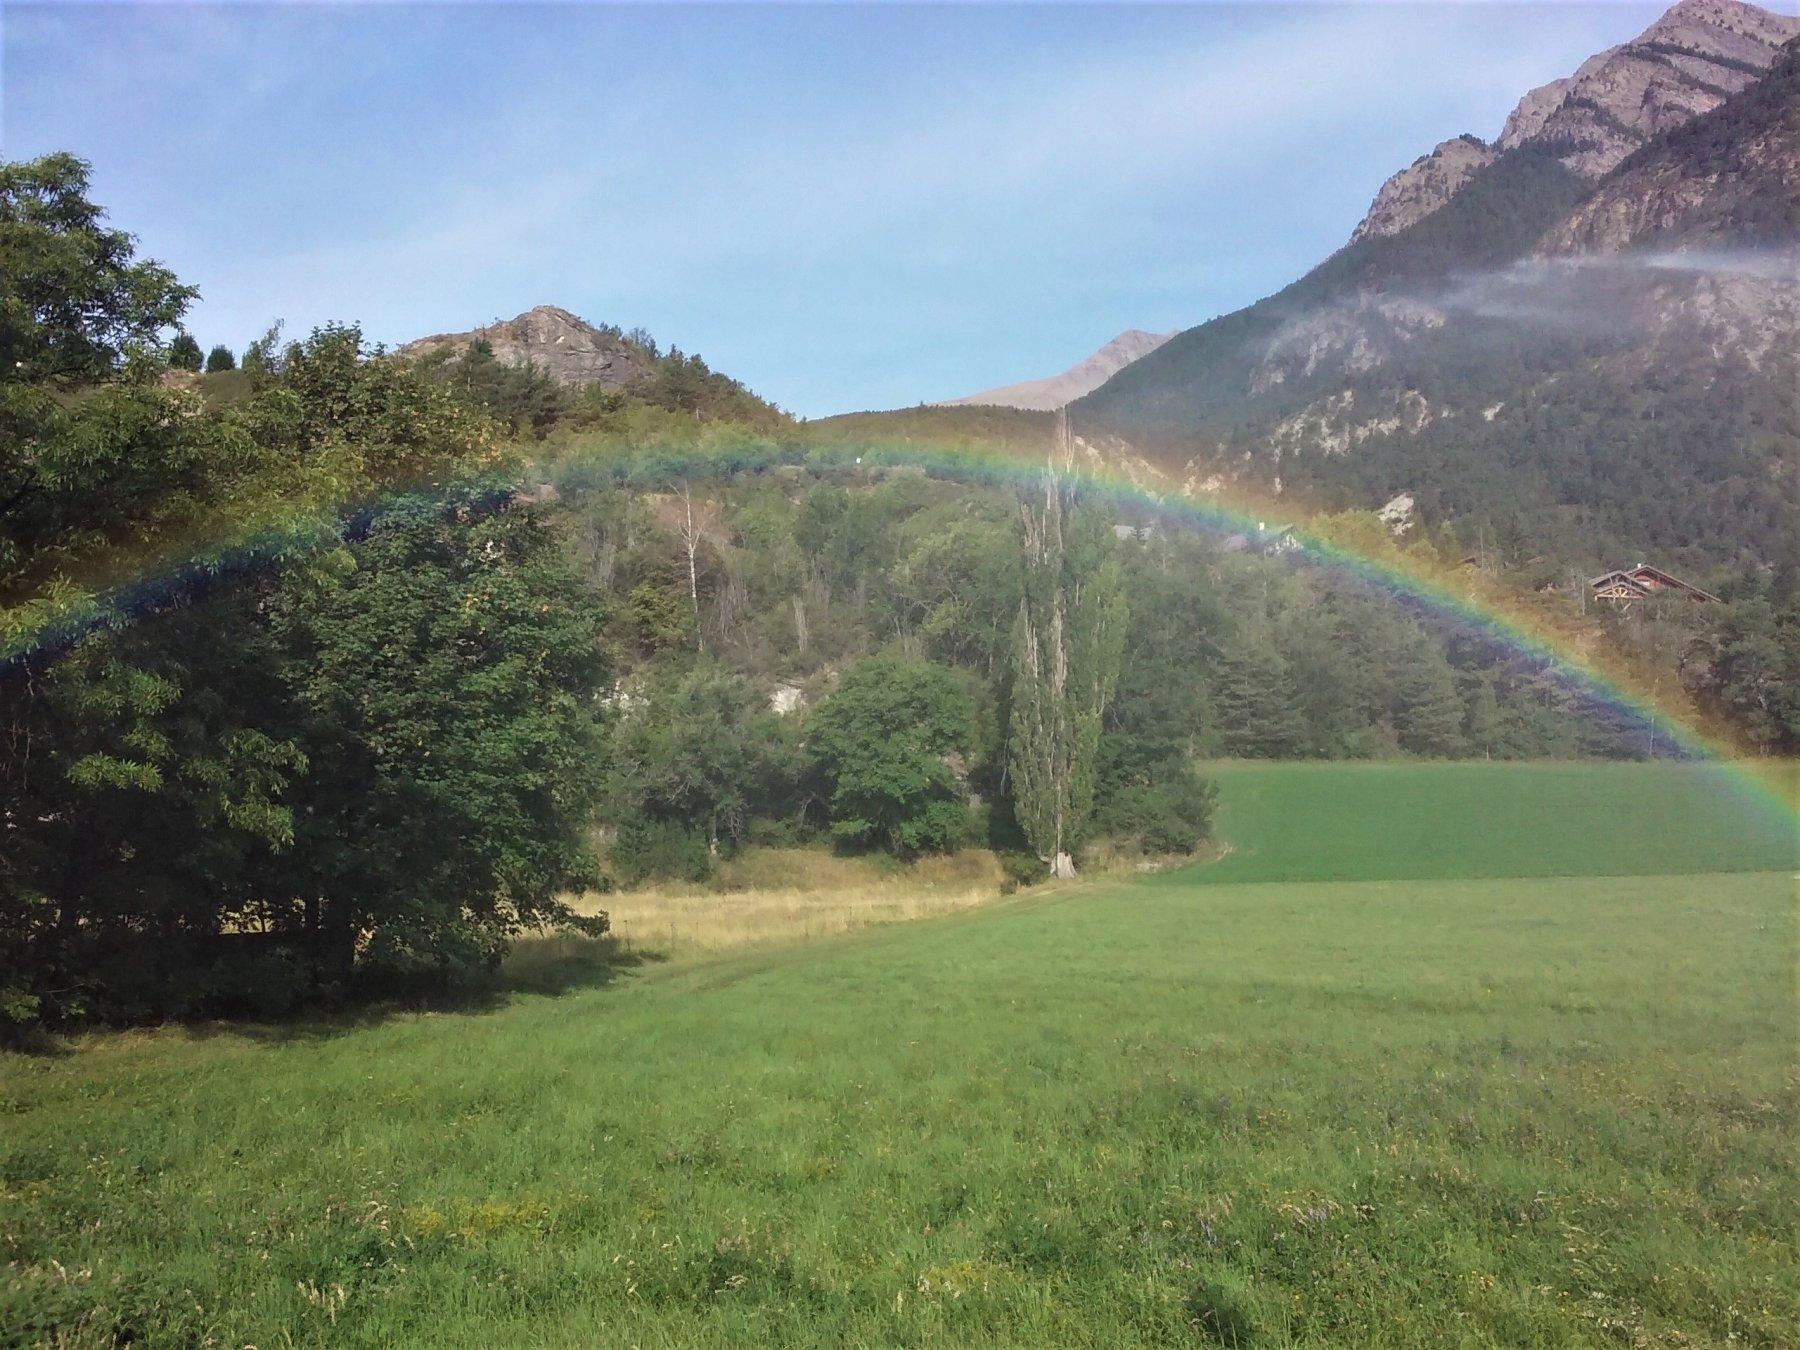 Jausiers: il mini-arcobaleno generato dallo spruzzo di un irrigatore.